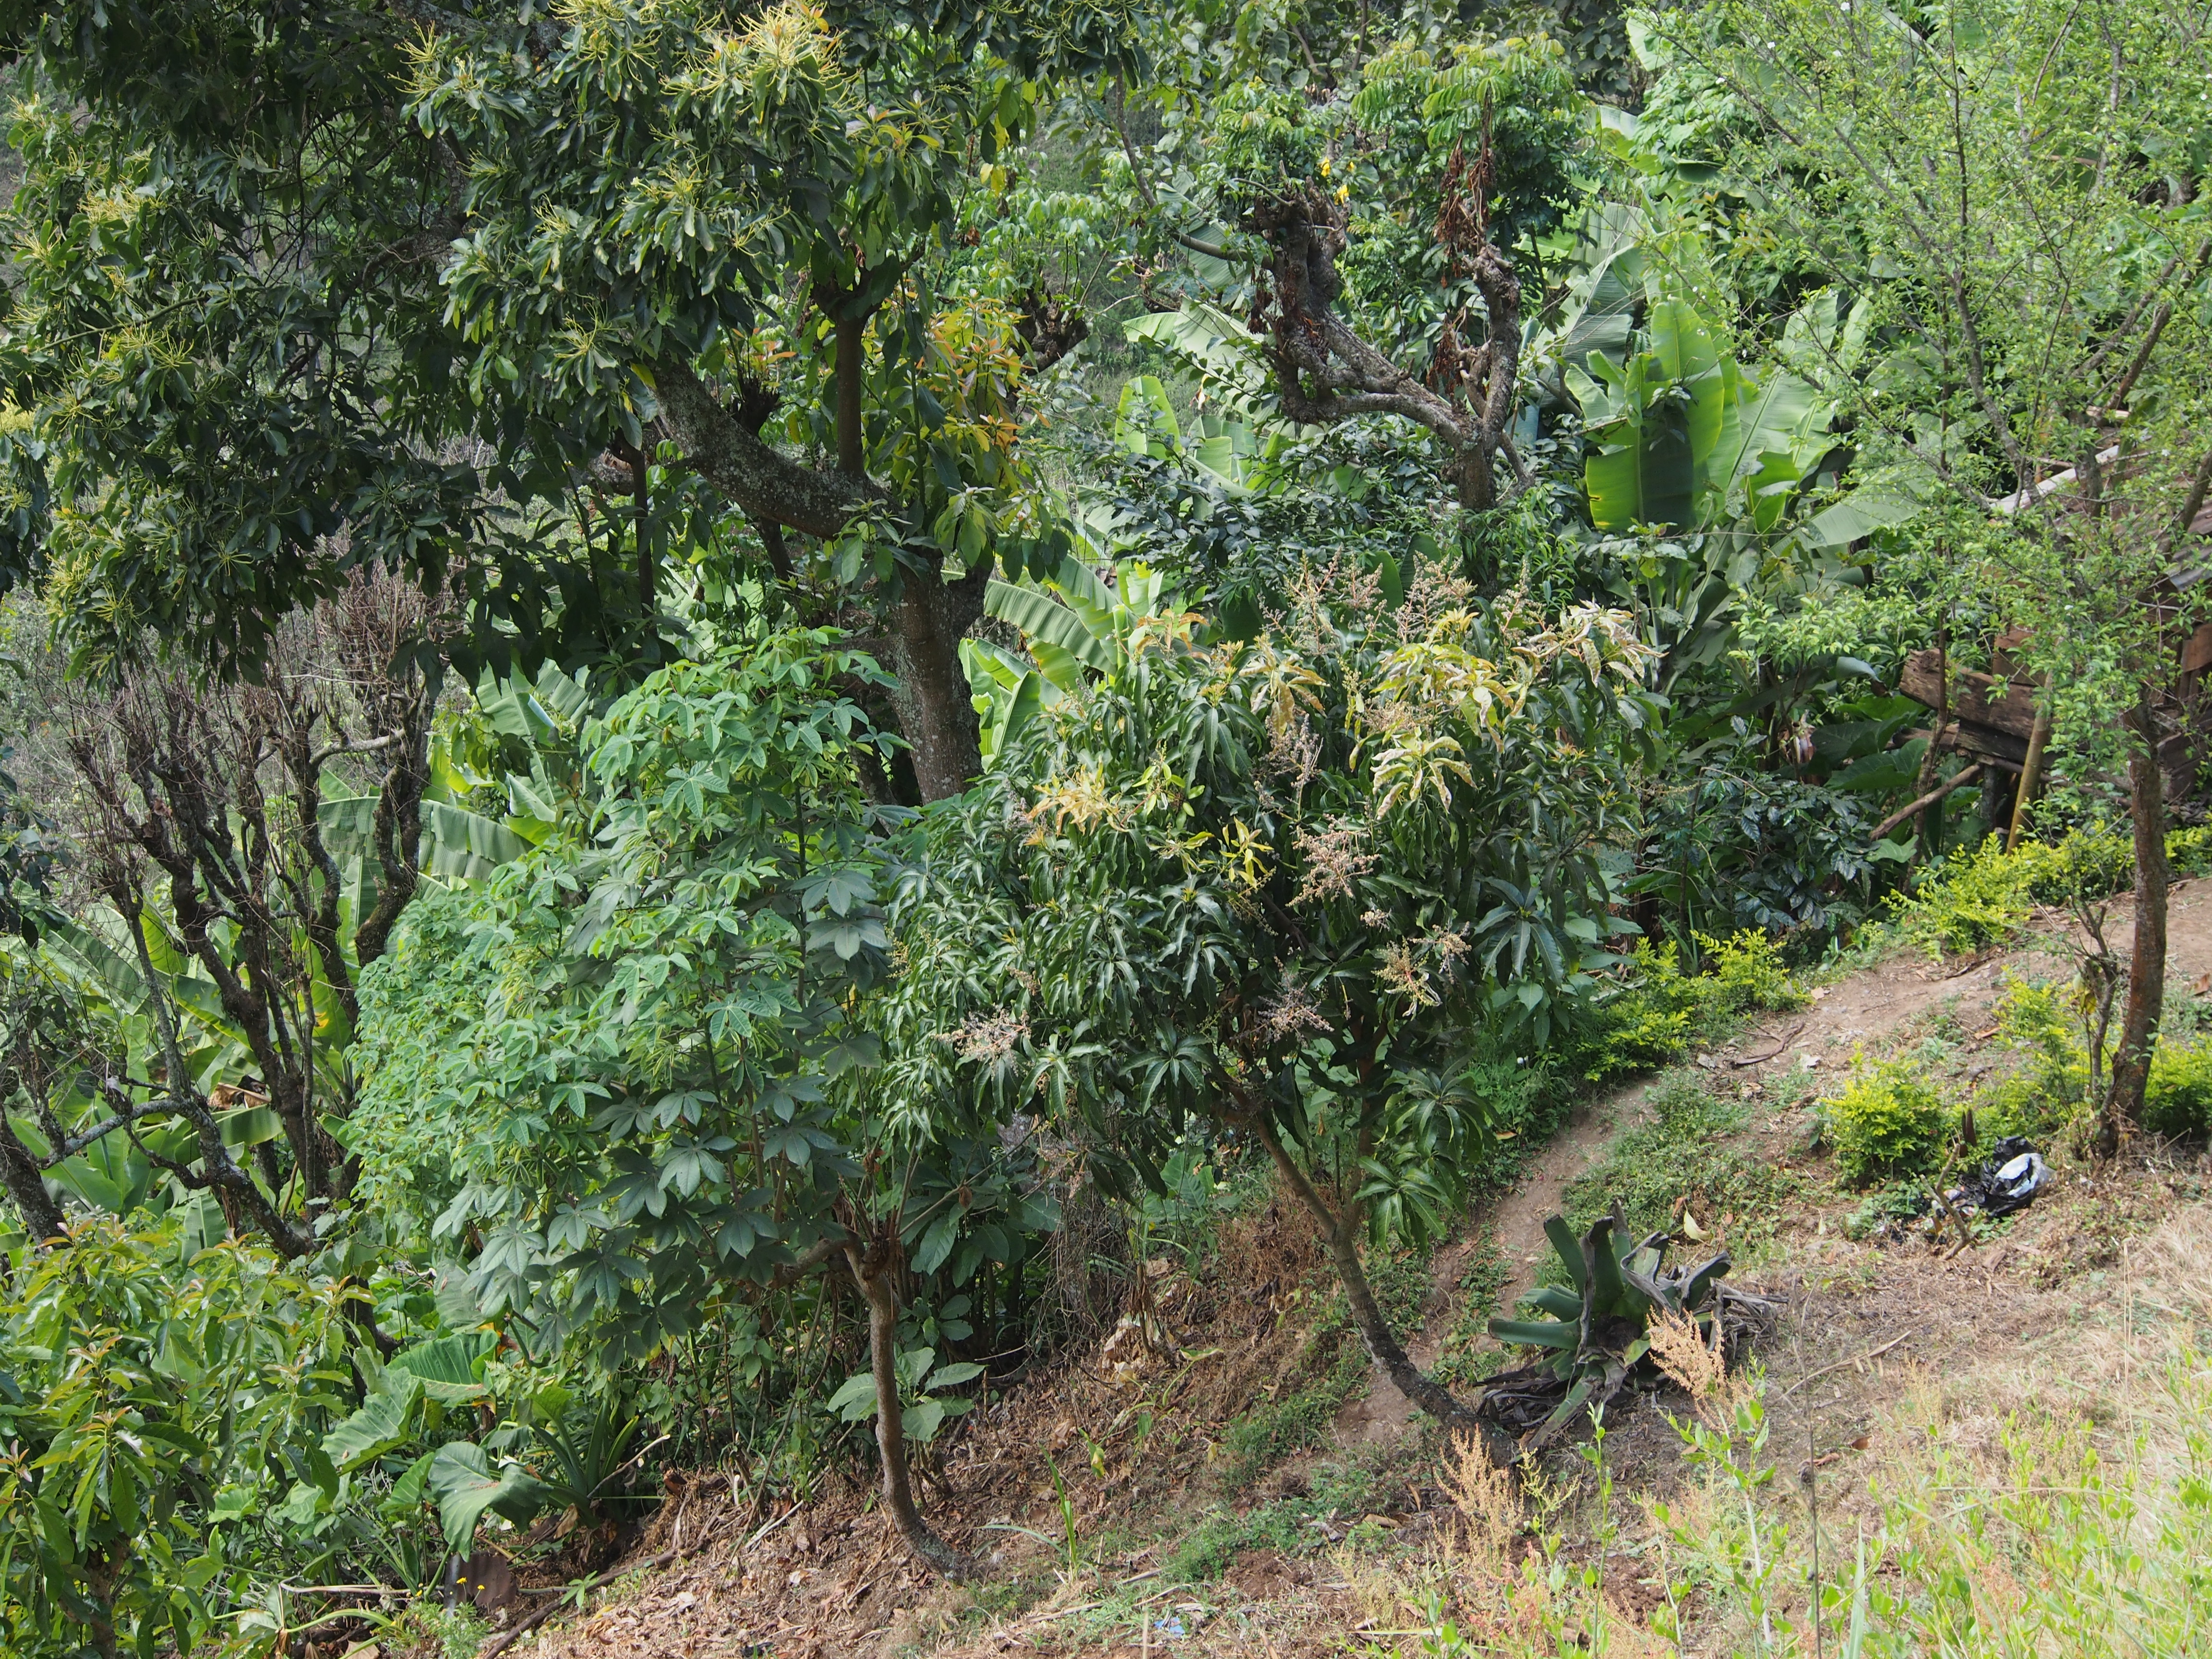 Oikean puoleinen puu on mangopuu. Sesonki alkaa marras-joulukuussa. Näin korkealla menestyy kuulemma muutenkin tosi huonosti mangot.